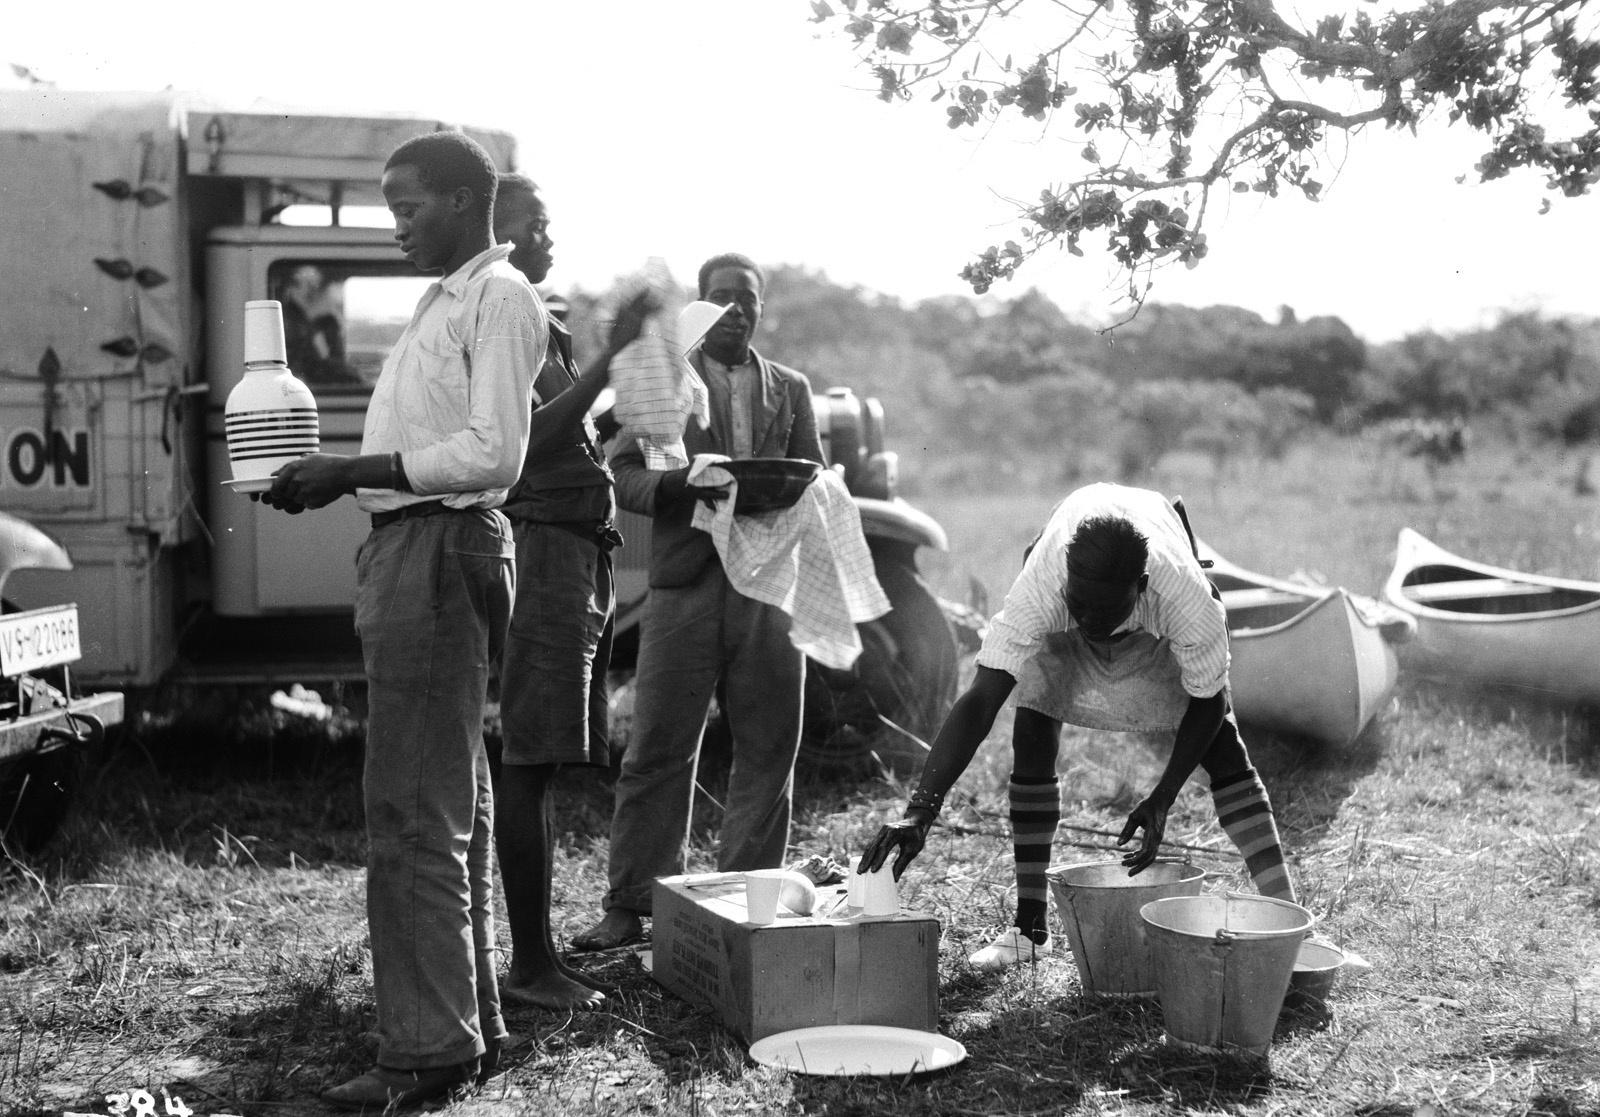 Квазулу-Наталь. Умфолози. Помощники из местных моют посуду